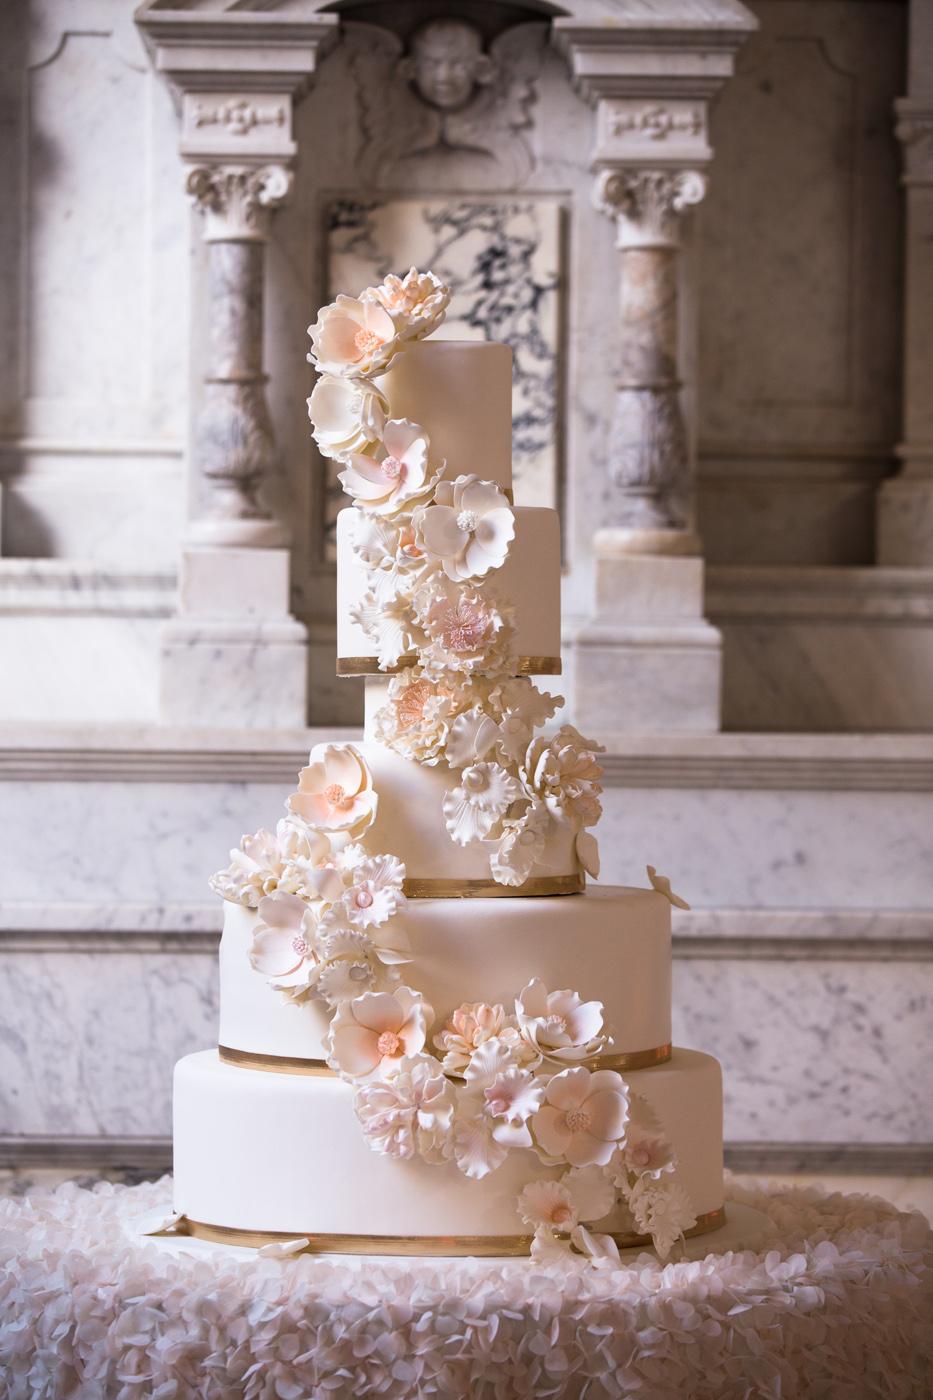 051_DukePhotography_DukeImages_Wedding_Details.jpg